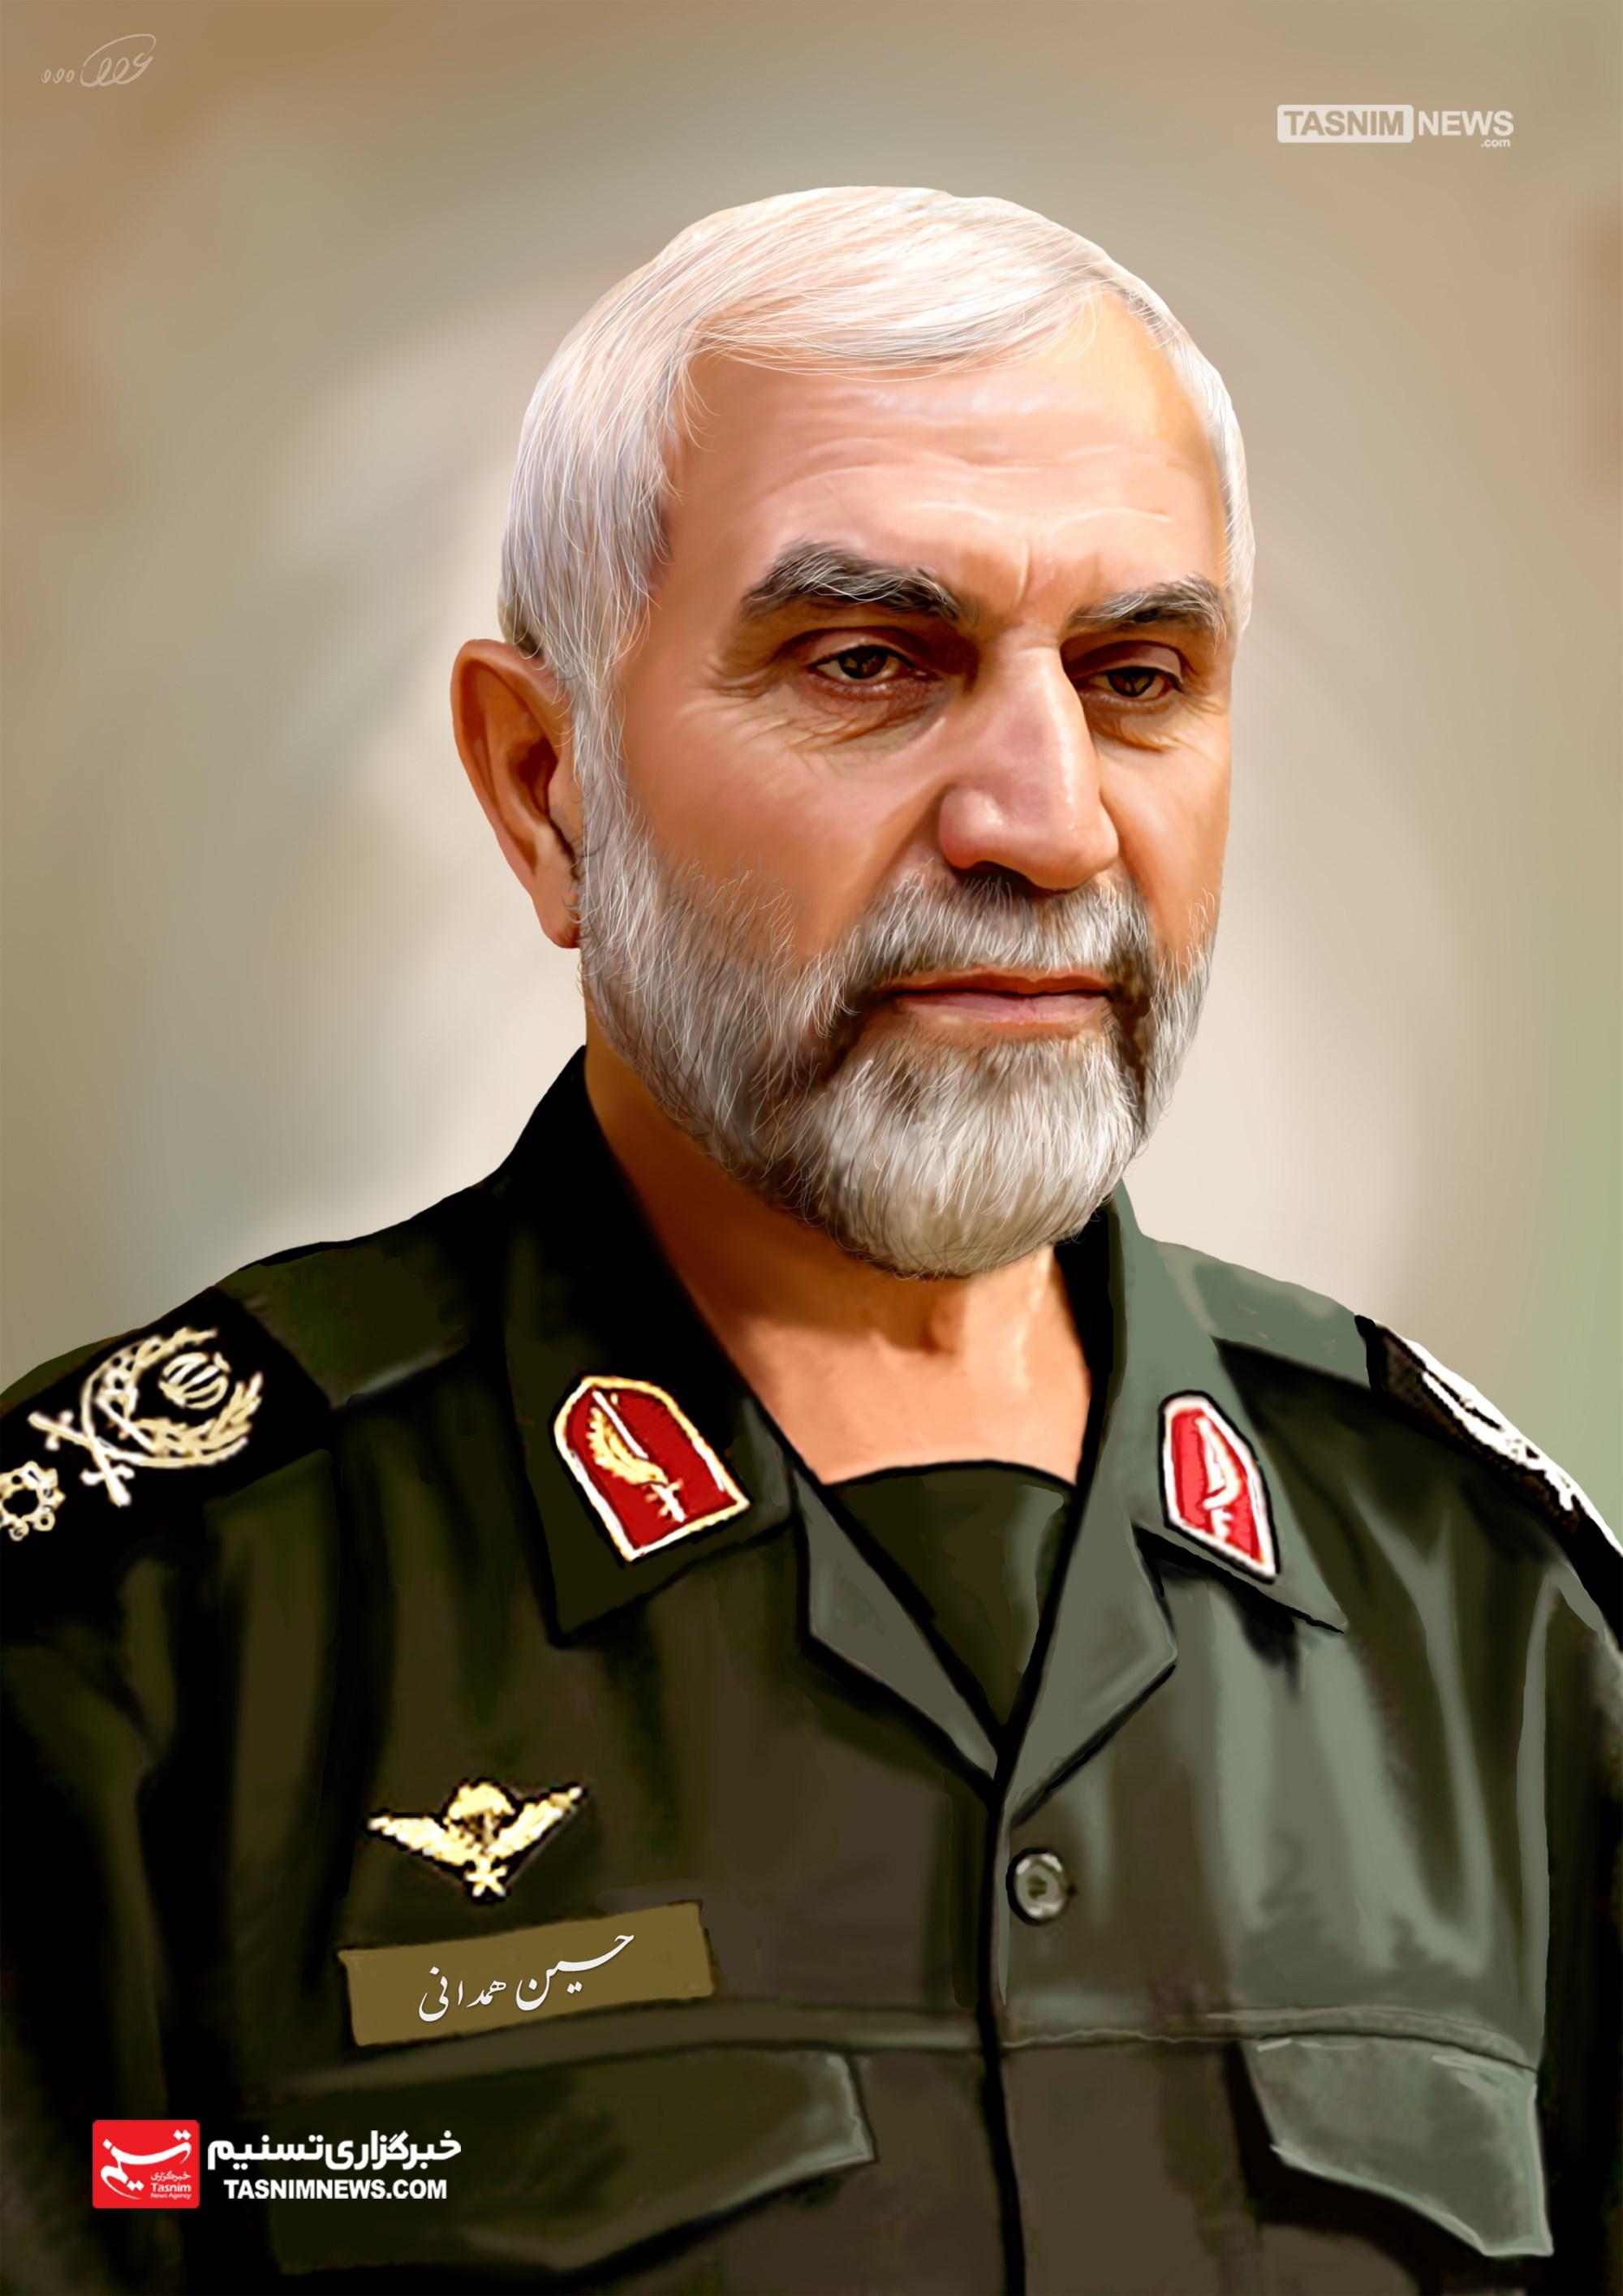 کانال تلگرام عکس رهبر